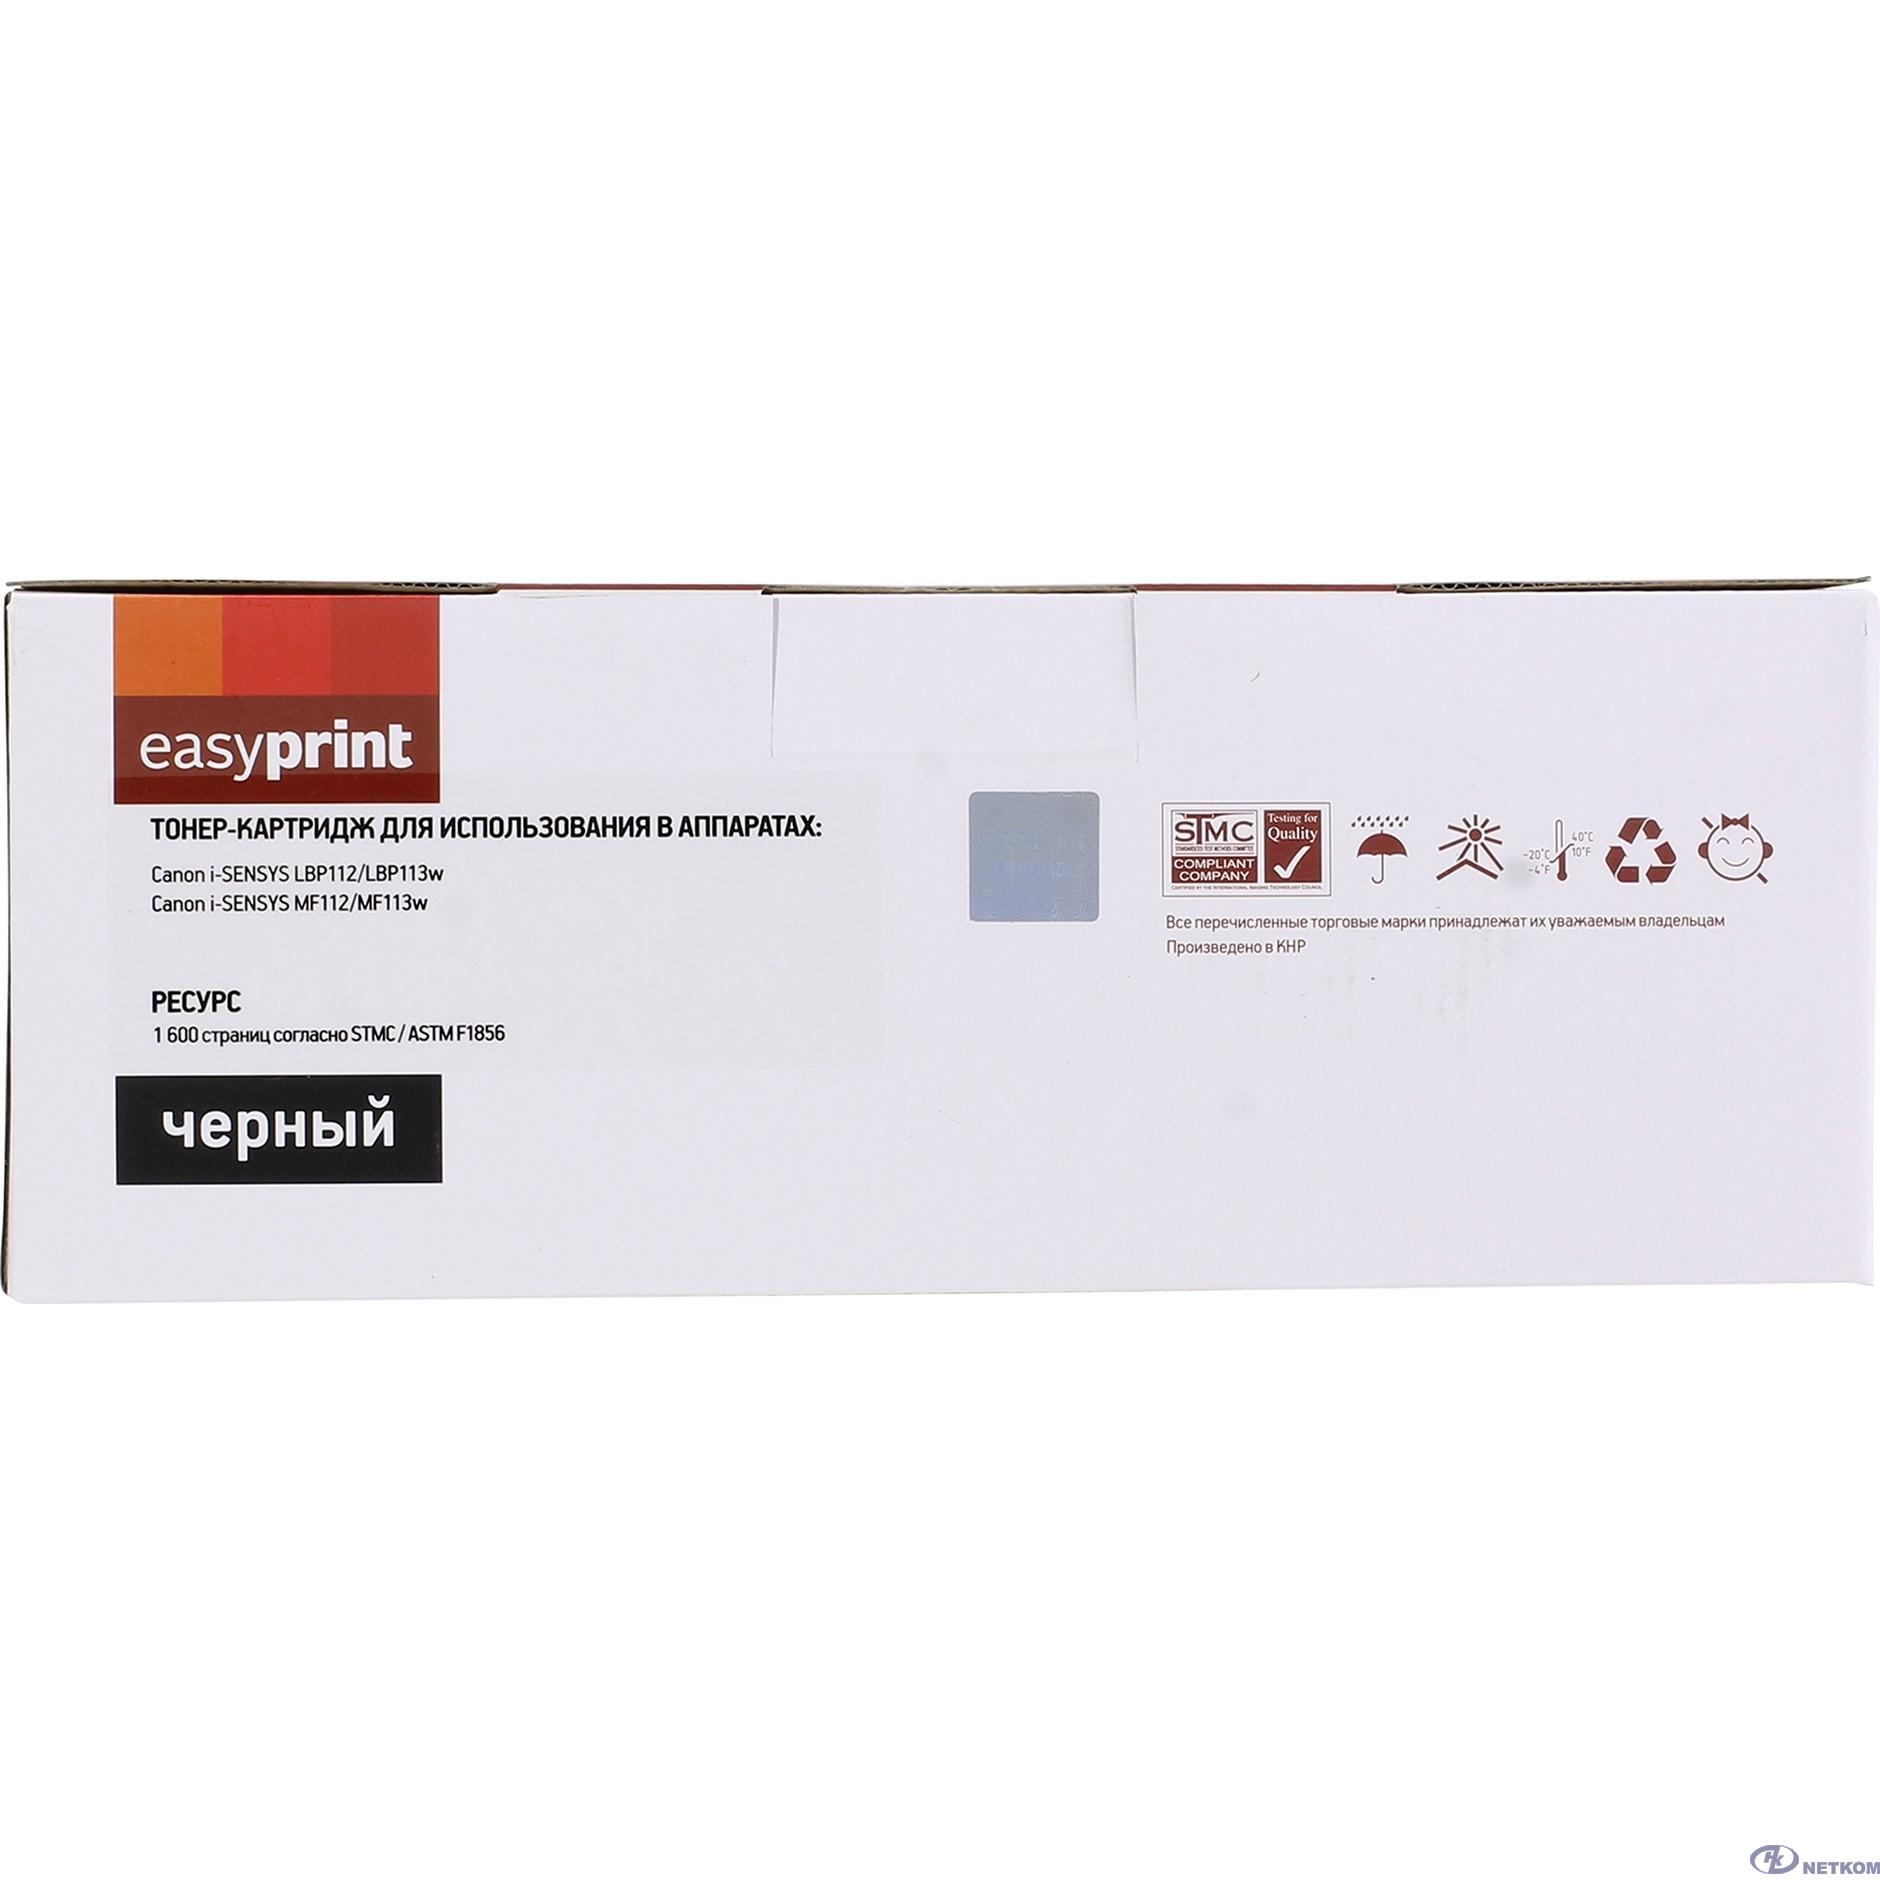 EasyPrint Cartridge 047 Картридж LC-047 для Canon i-SENSYS LBP112/LBP113w/MF112/MF113w (1600стр.) черный, с чипом